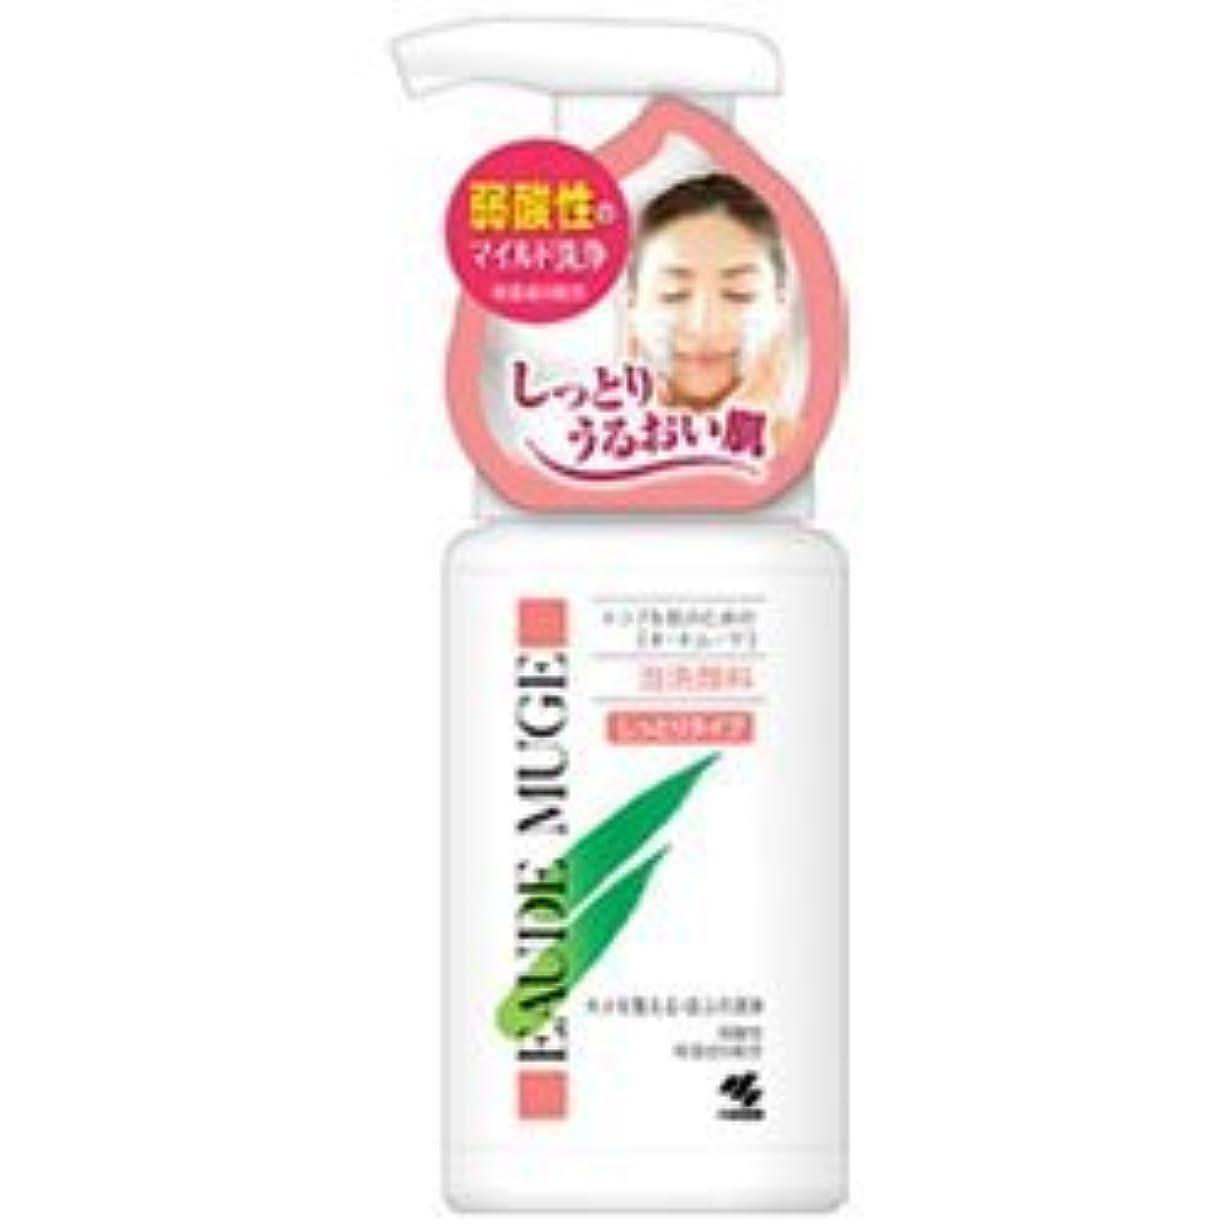 対立拍手する多用途【小林製薬】オードムーゲ 泡洗顔料 しっとりタイプ 150ml